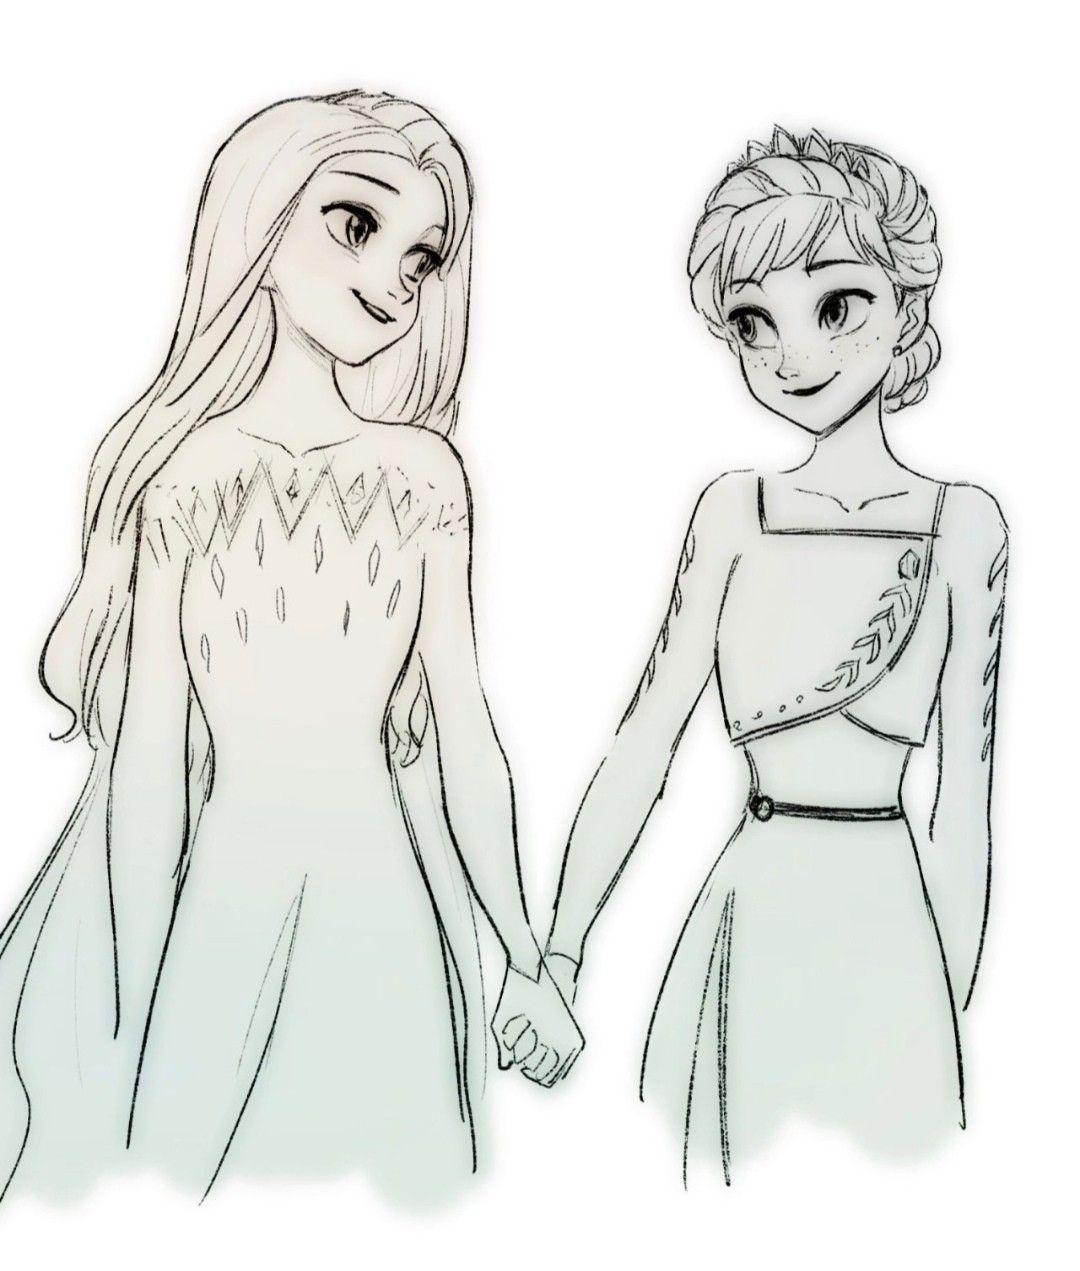 Pin By I Love My Frozen On Disney Frozen In 2020 Frozen Disney Movie Disney Sketches Disney Drawings